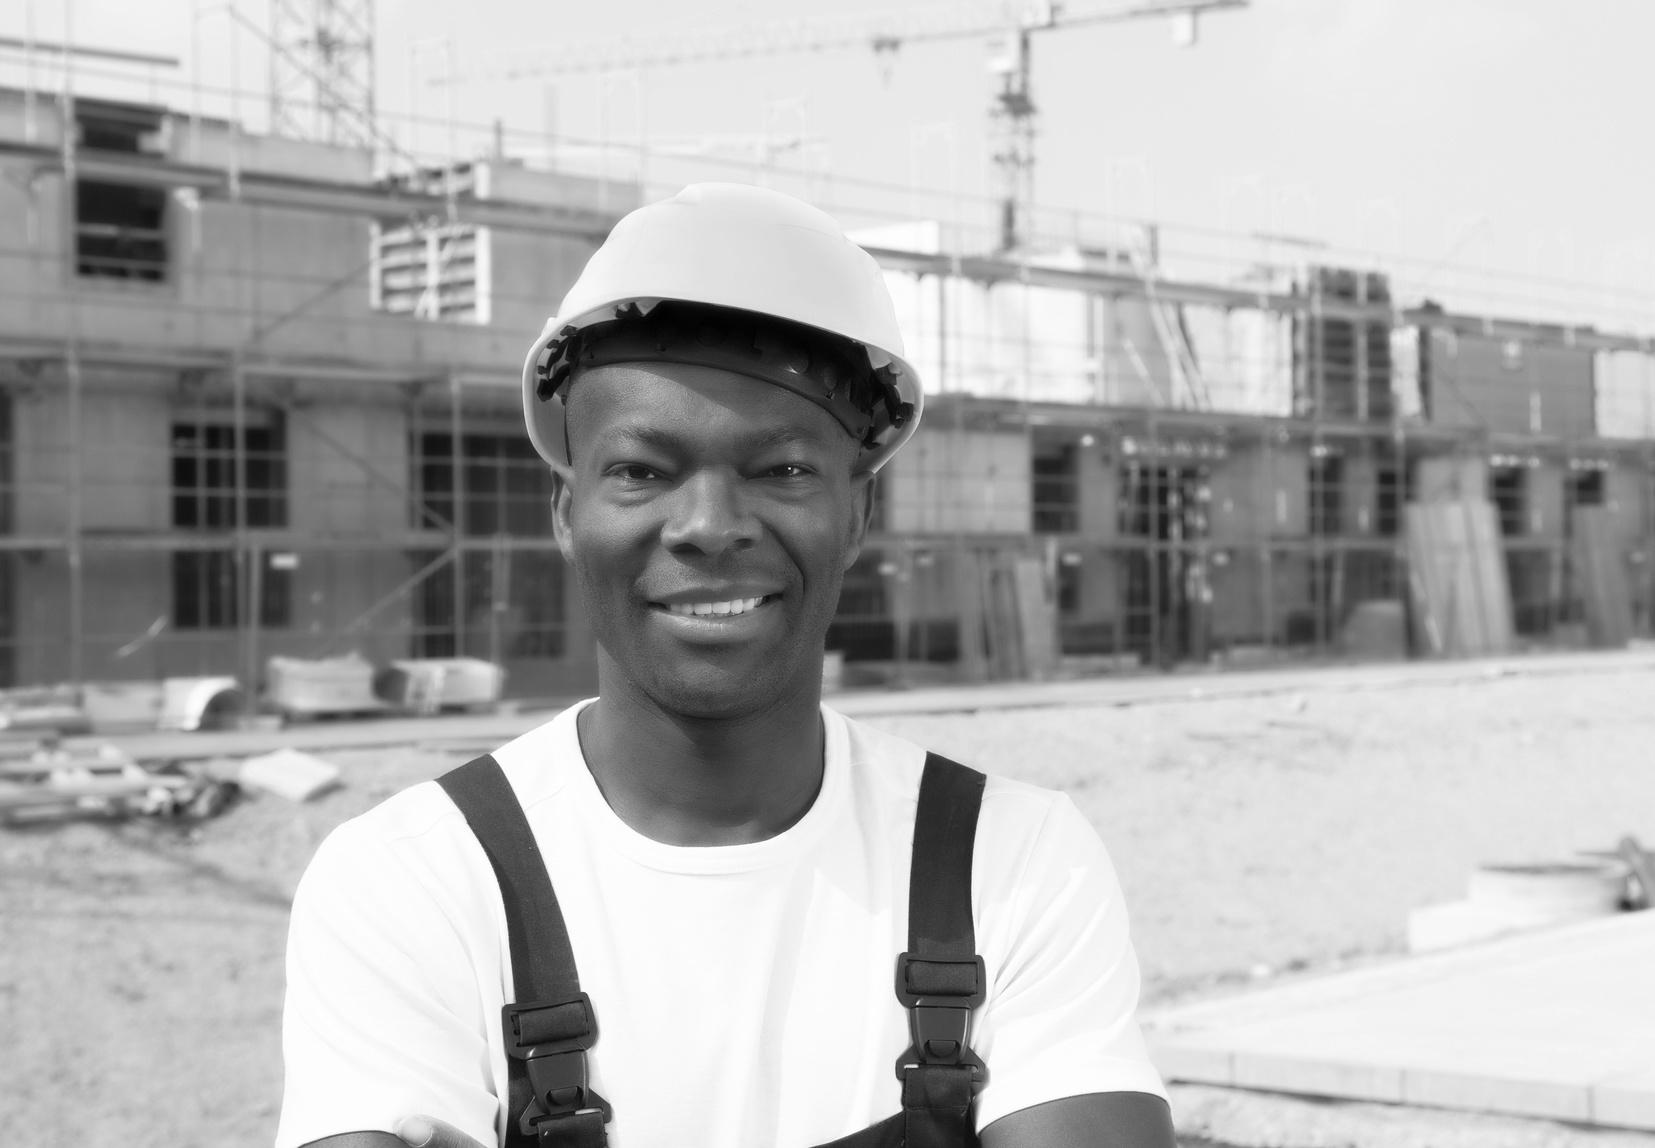 Attraktiver afrikanischer Bauarbeiter auf der Baustelle